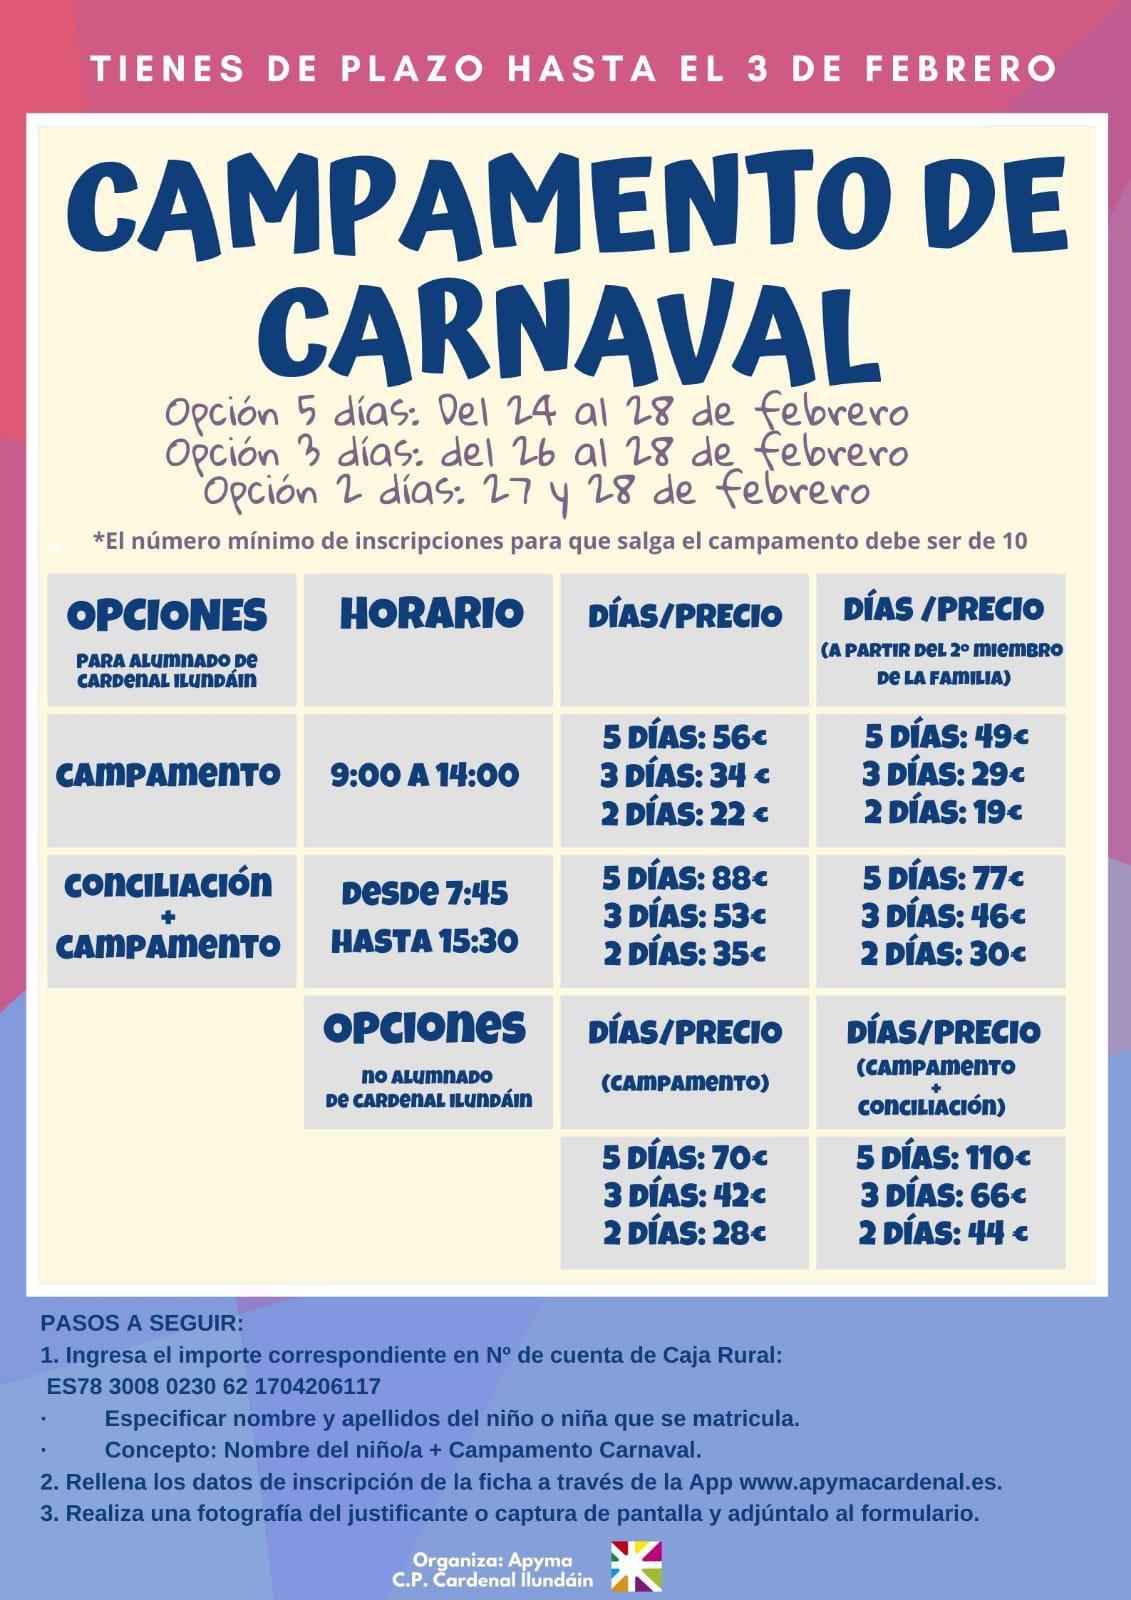 Campamento de carnaval